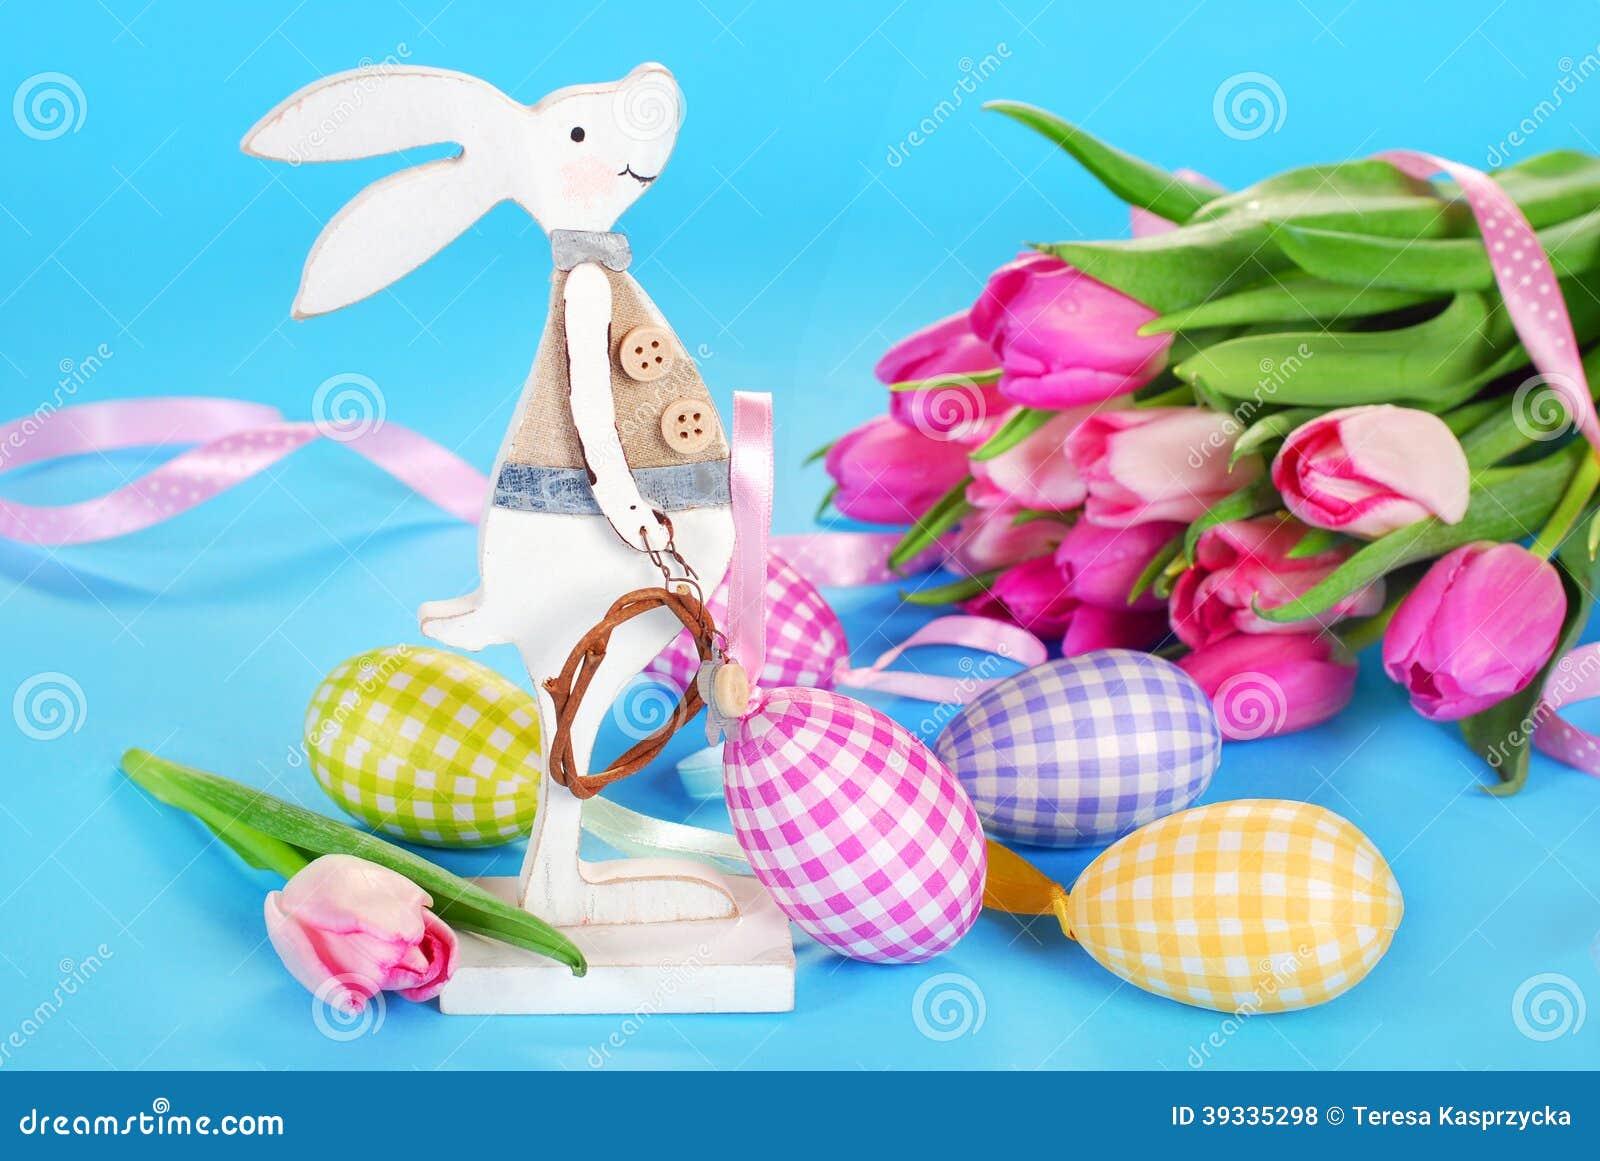 D coration de p ques avec le lapin et les oeufs en bois for Decoration lapin de paques